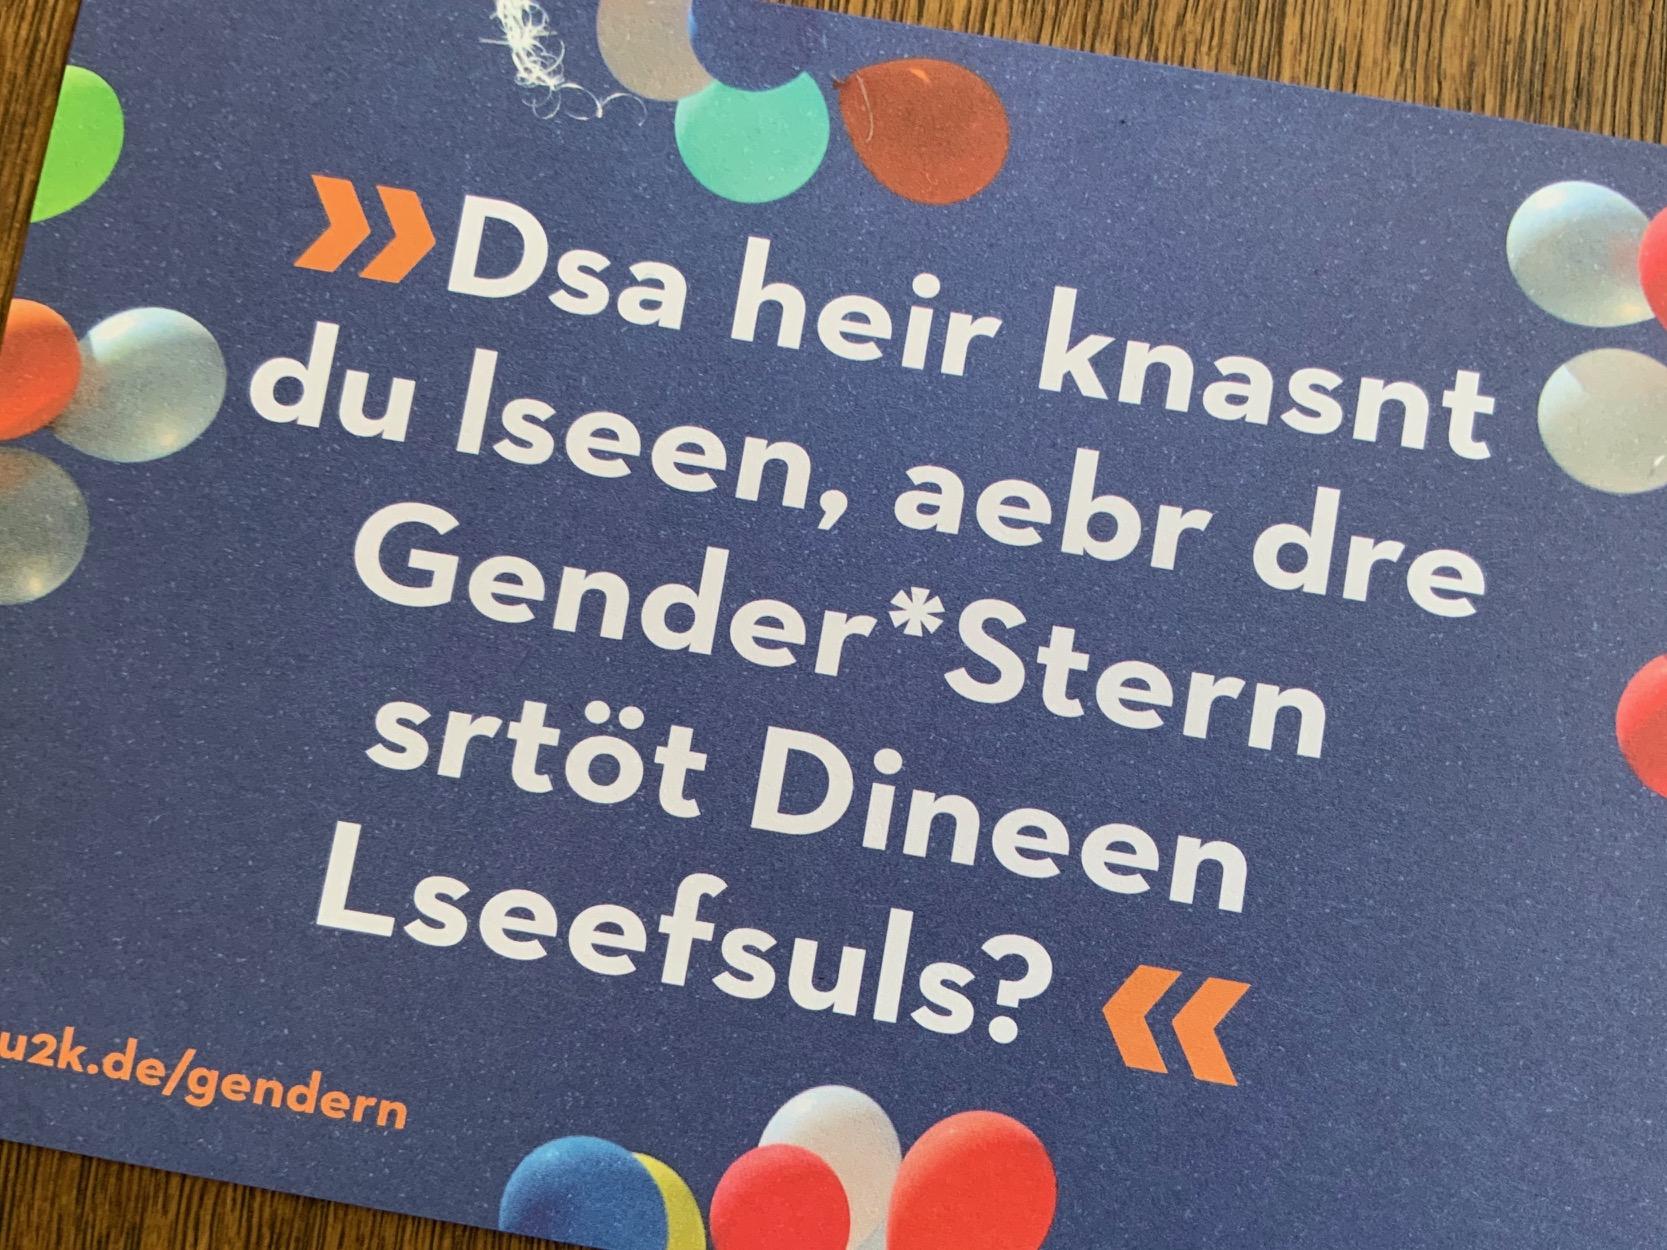 Dsa-heir-knasnt-du-lseen-Postkarte